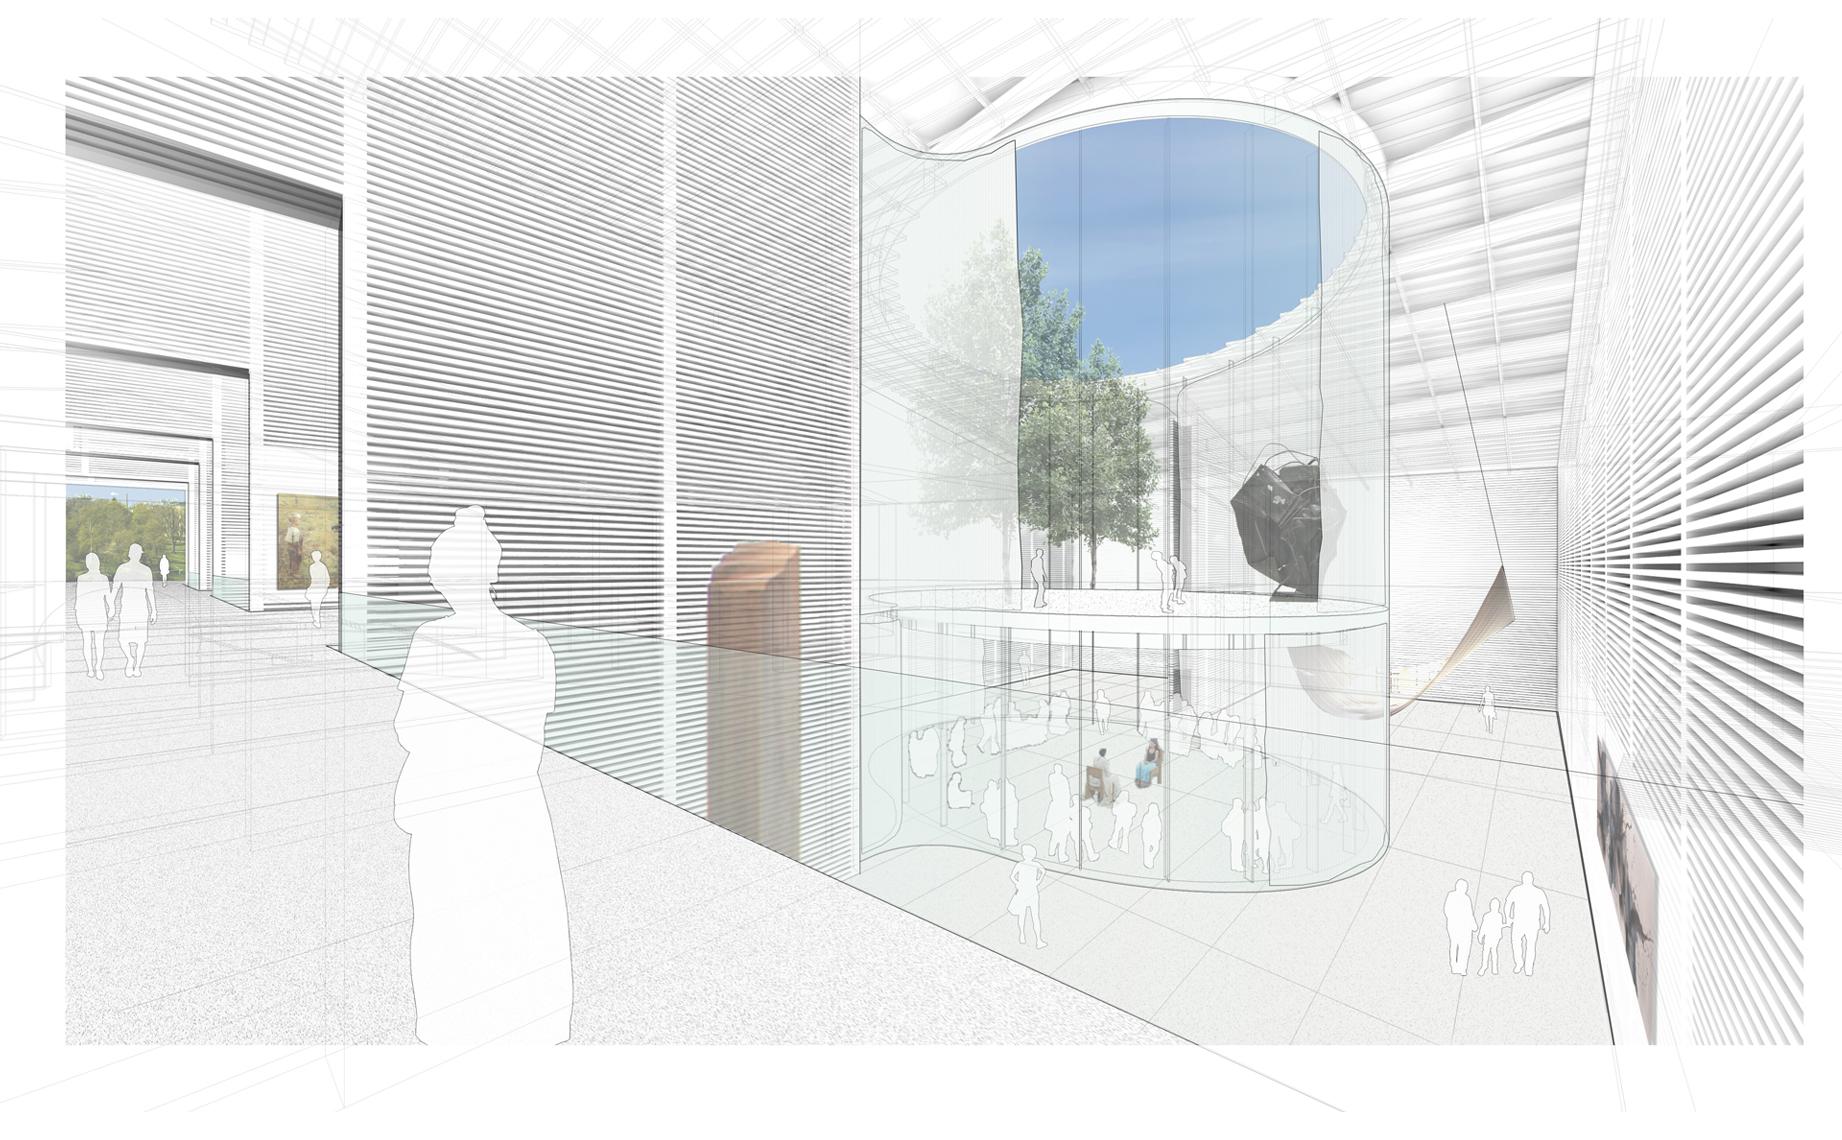 helsinki_06_interior2.jpg